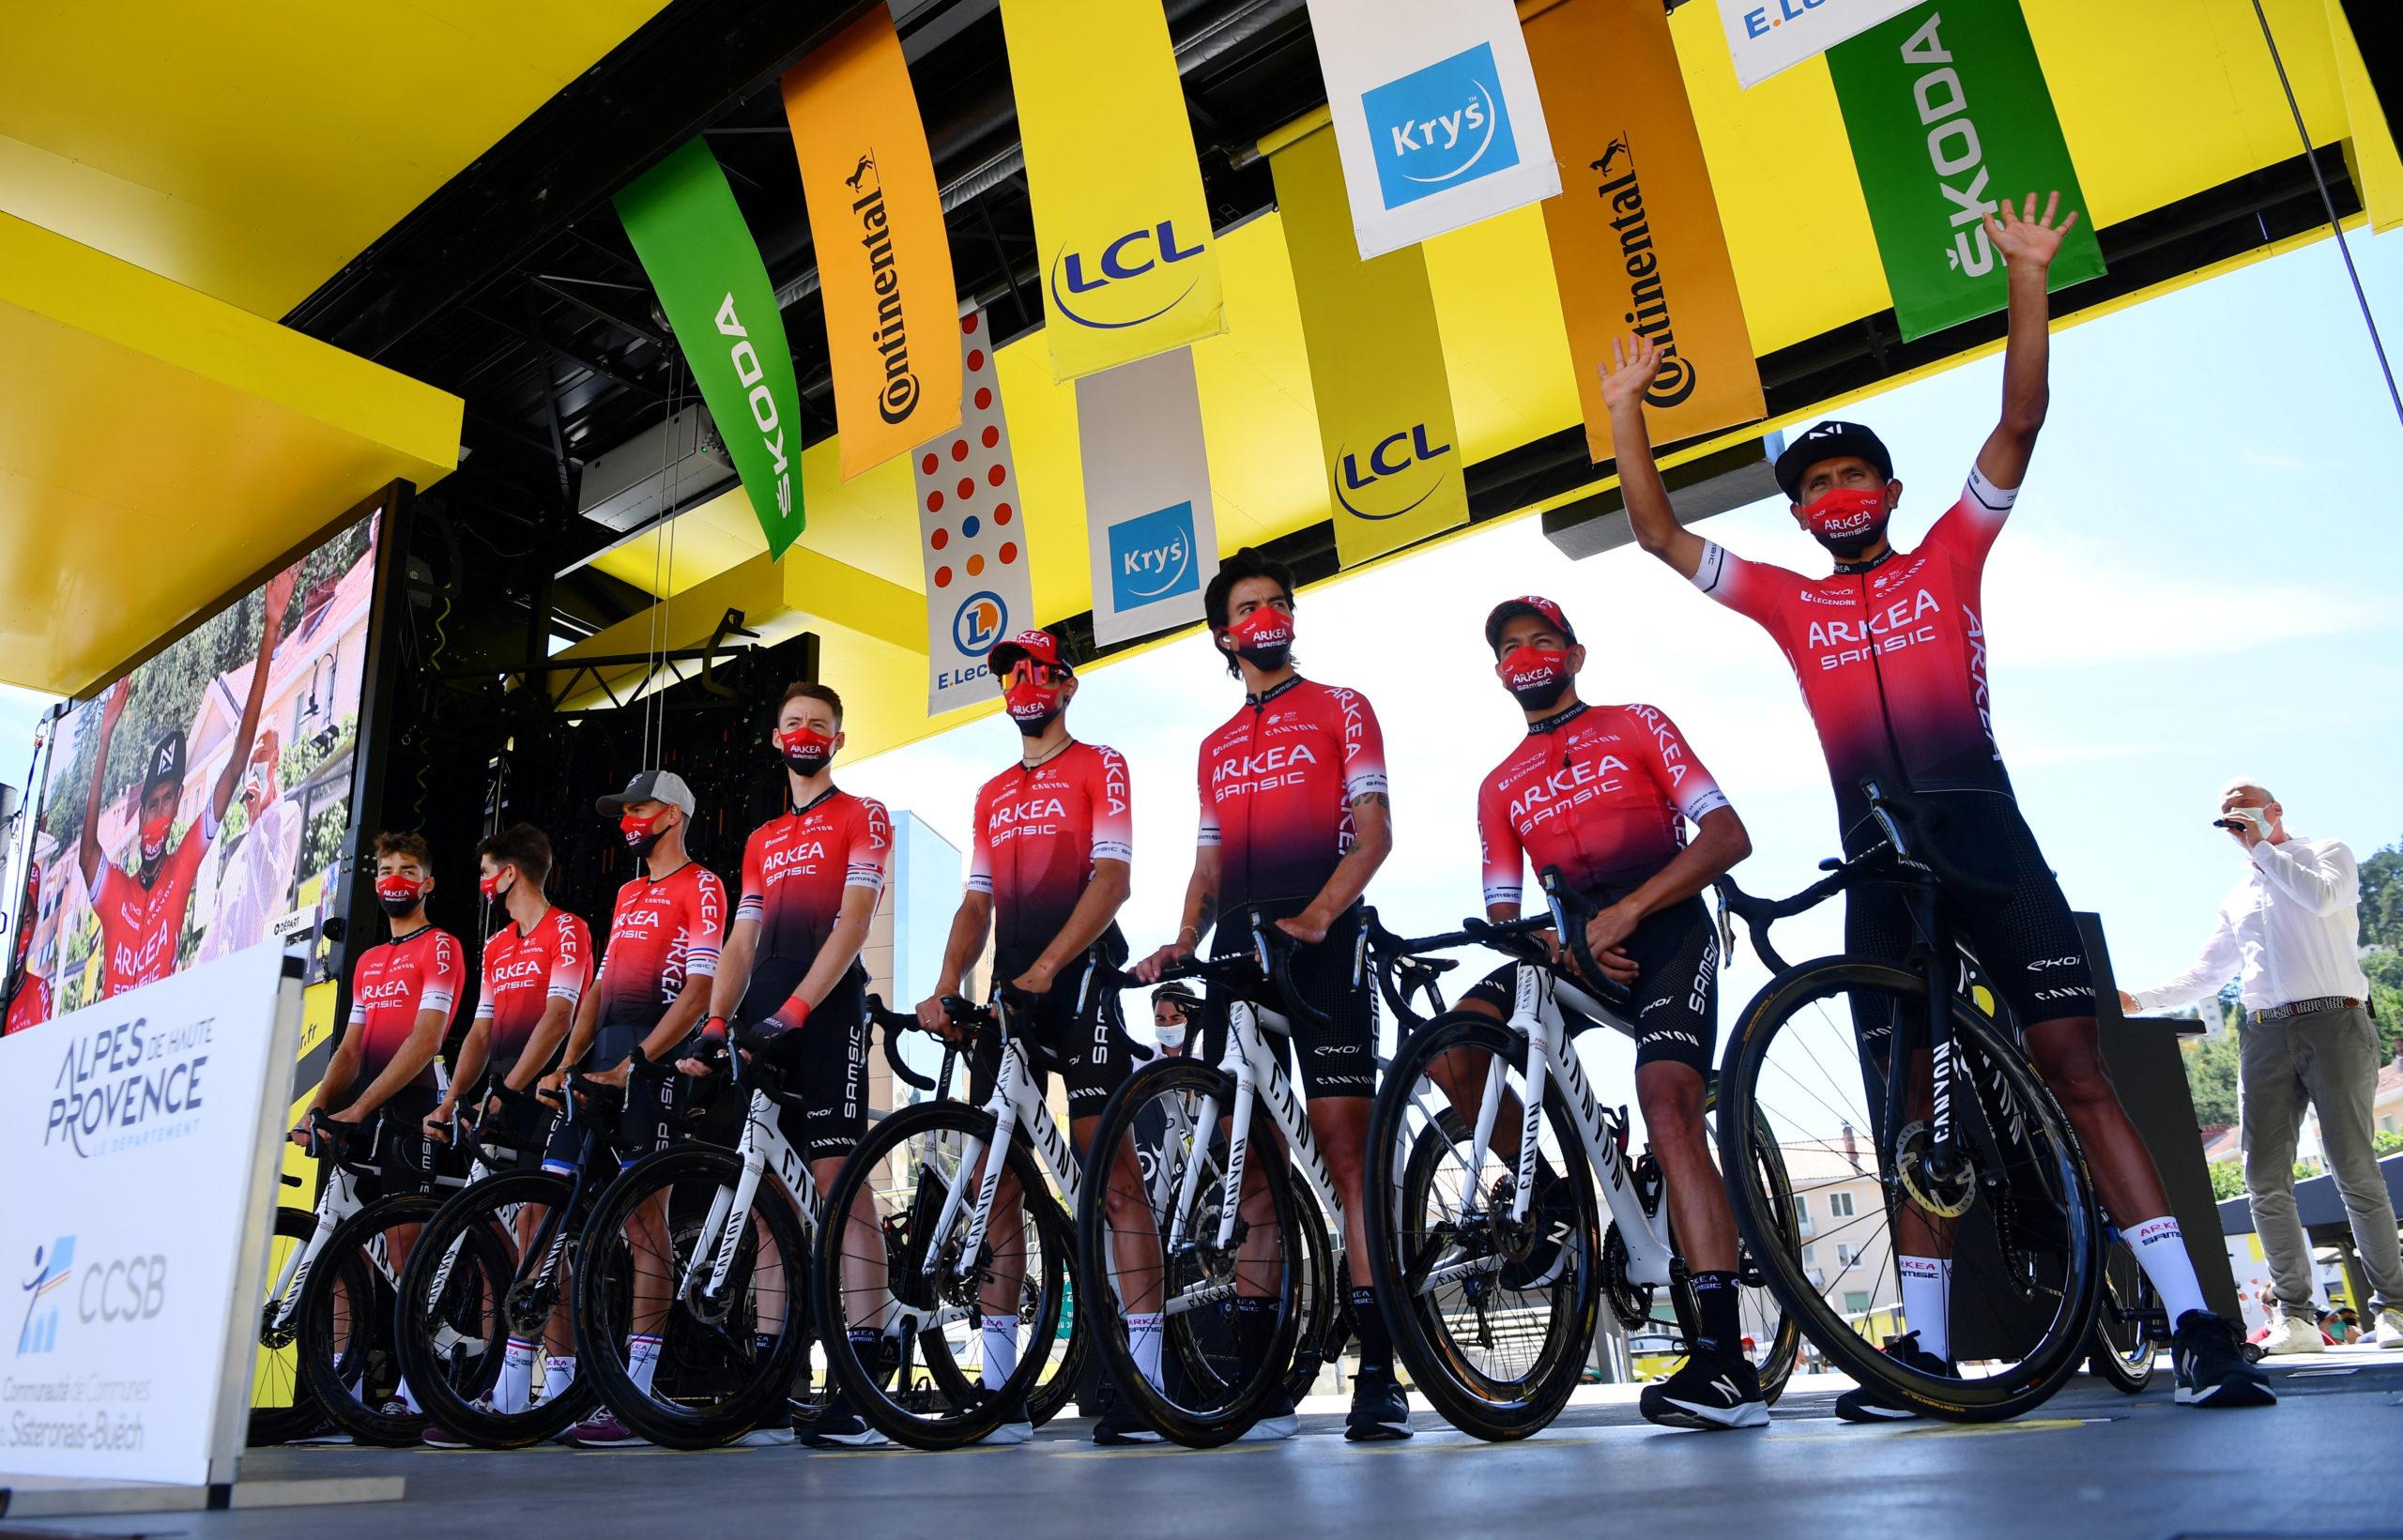 Cyclisme: Poursuite des gardes à vue pour les soupçons de dopage chez Arkea-Samsic